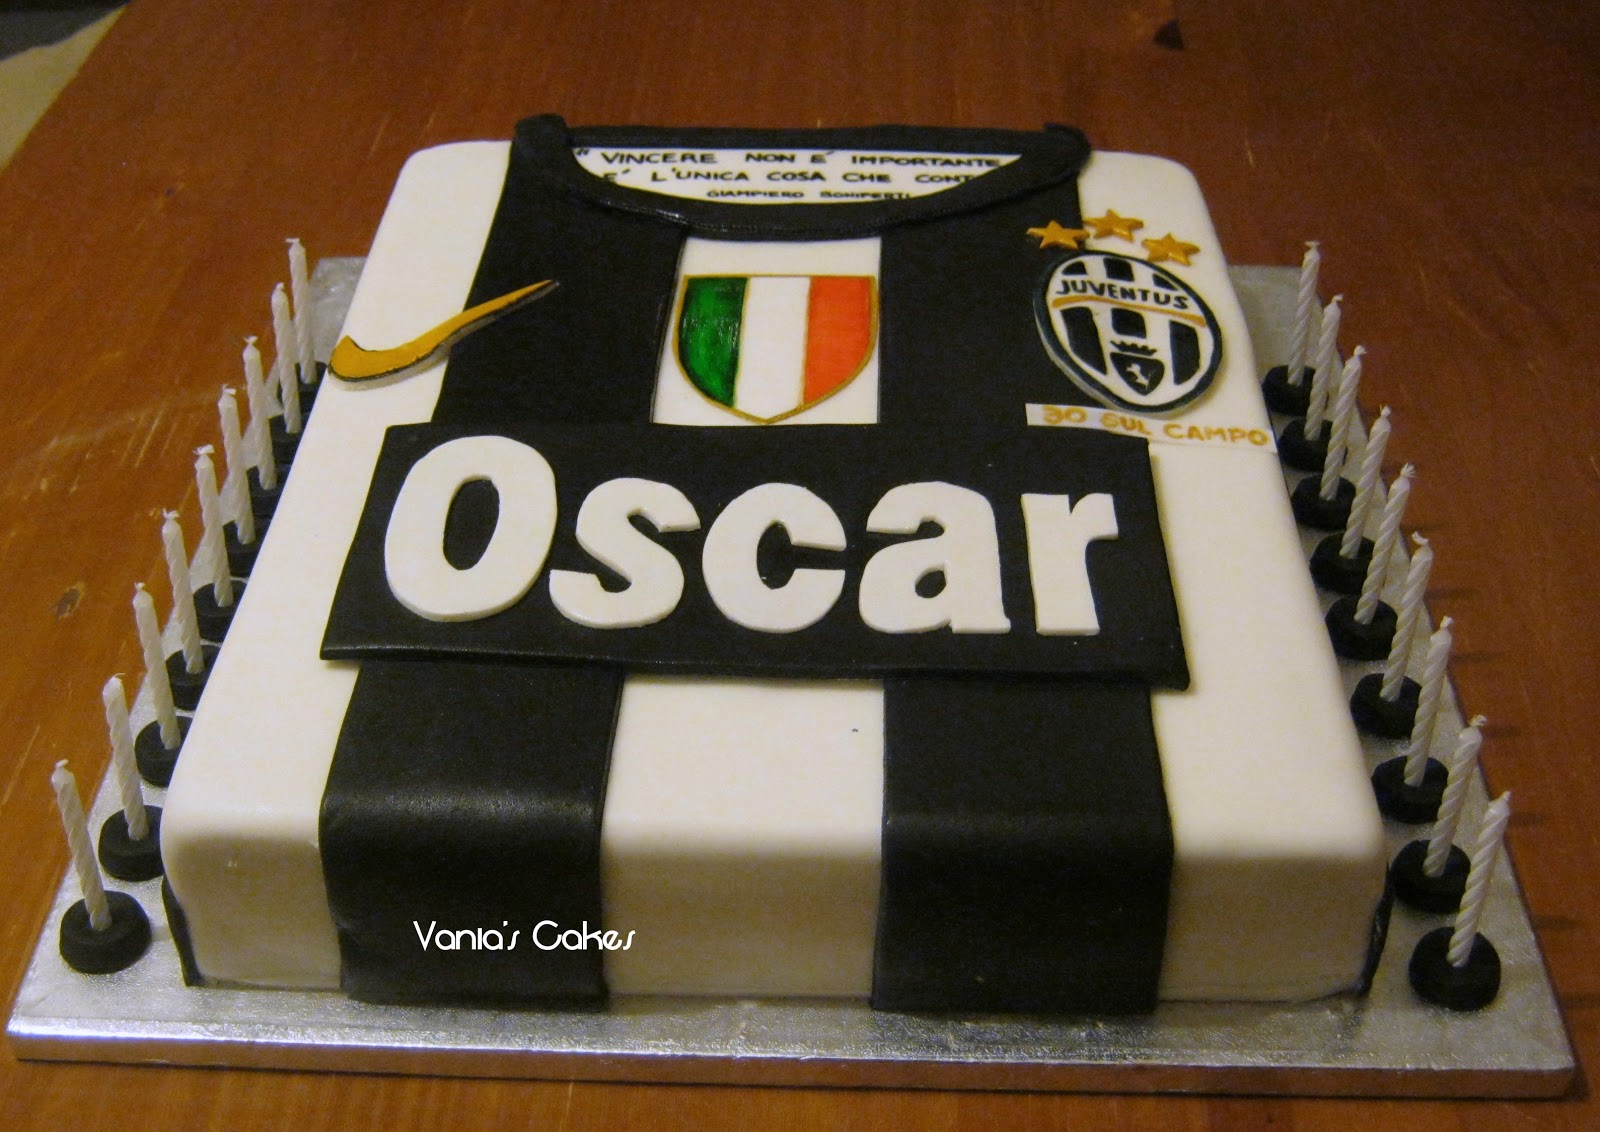 Vania S Cakes Juventus Cake